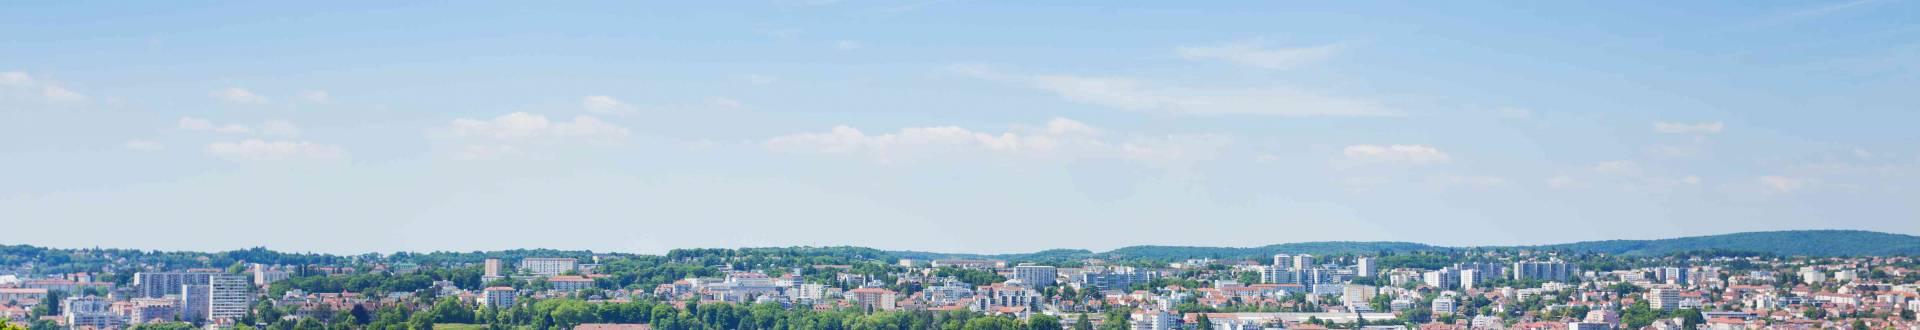 DOMINIQUE BLAIS | Roche-lez-Beaupré France | 360 3D VR tours